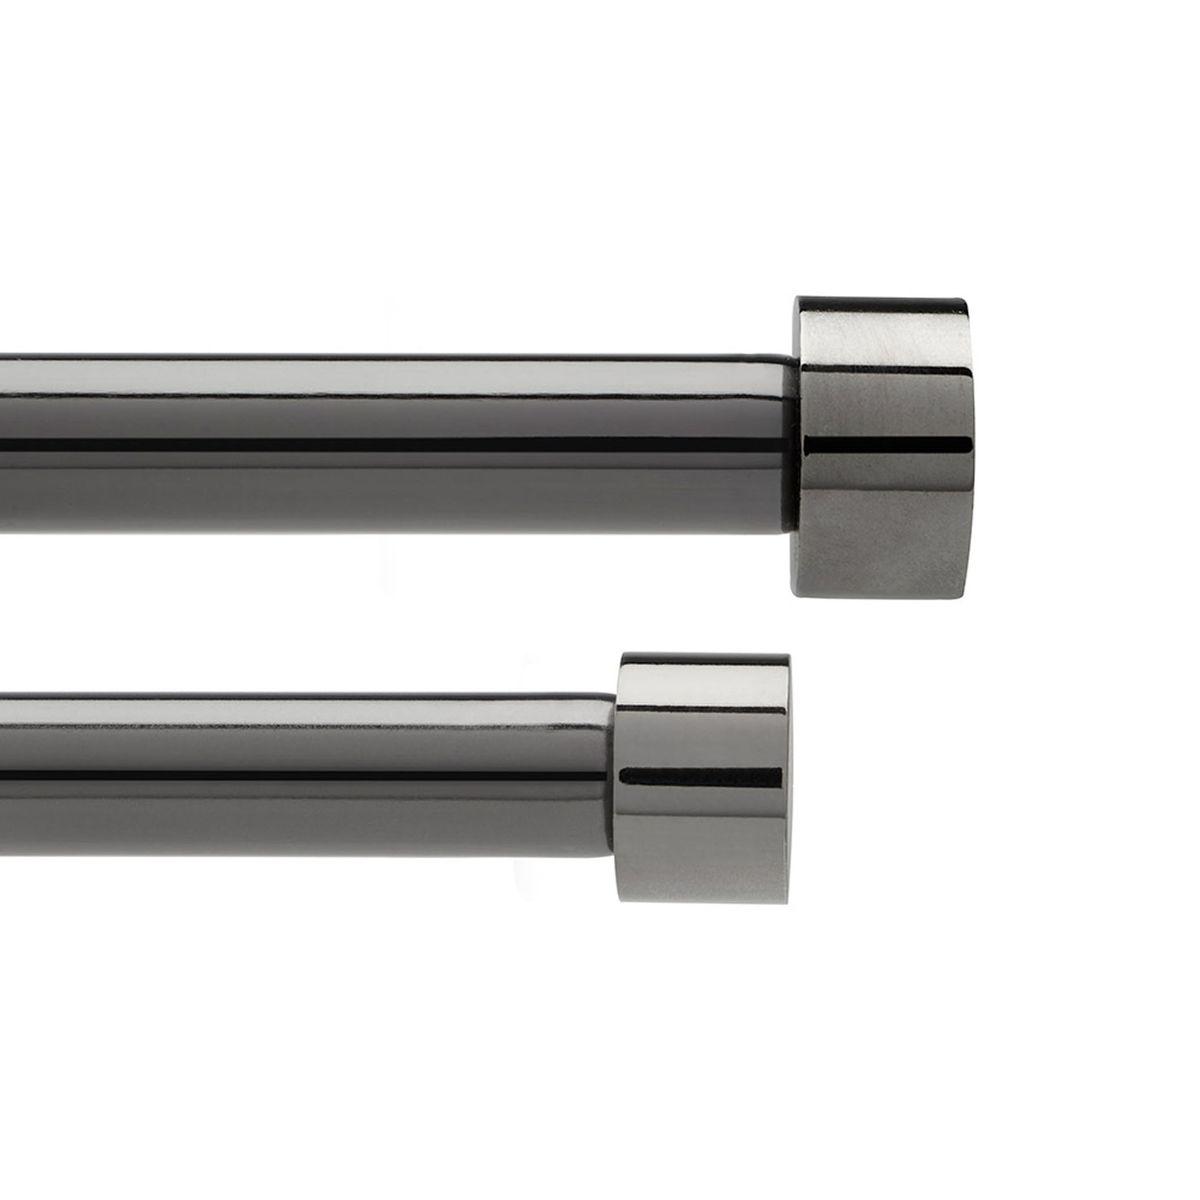 Карниз двухрядный Umbra Cappa, цвет: графит, длина 183-366 см245967-624Двухрядный карниз Umbra Cappa выполнен из нержавеющей стали. Имеет телескопическую конструкцию, которая позволяет регулировать его длину, и металлические украшения в виде насадок по краям. Такой карниз будет органично смотреться в любом интерьере. Диаметр переднего карниза: 19 мм. Диаметр заднего карниза: 16 мм. Крепления идут в комплекте.